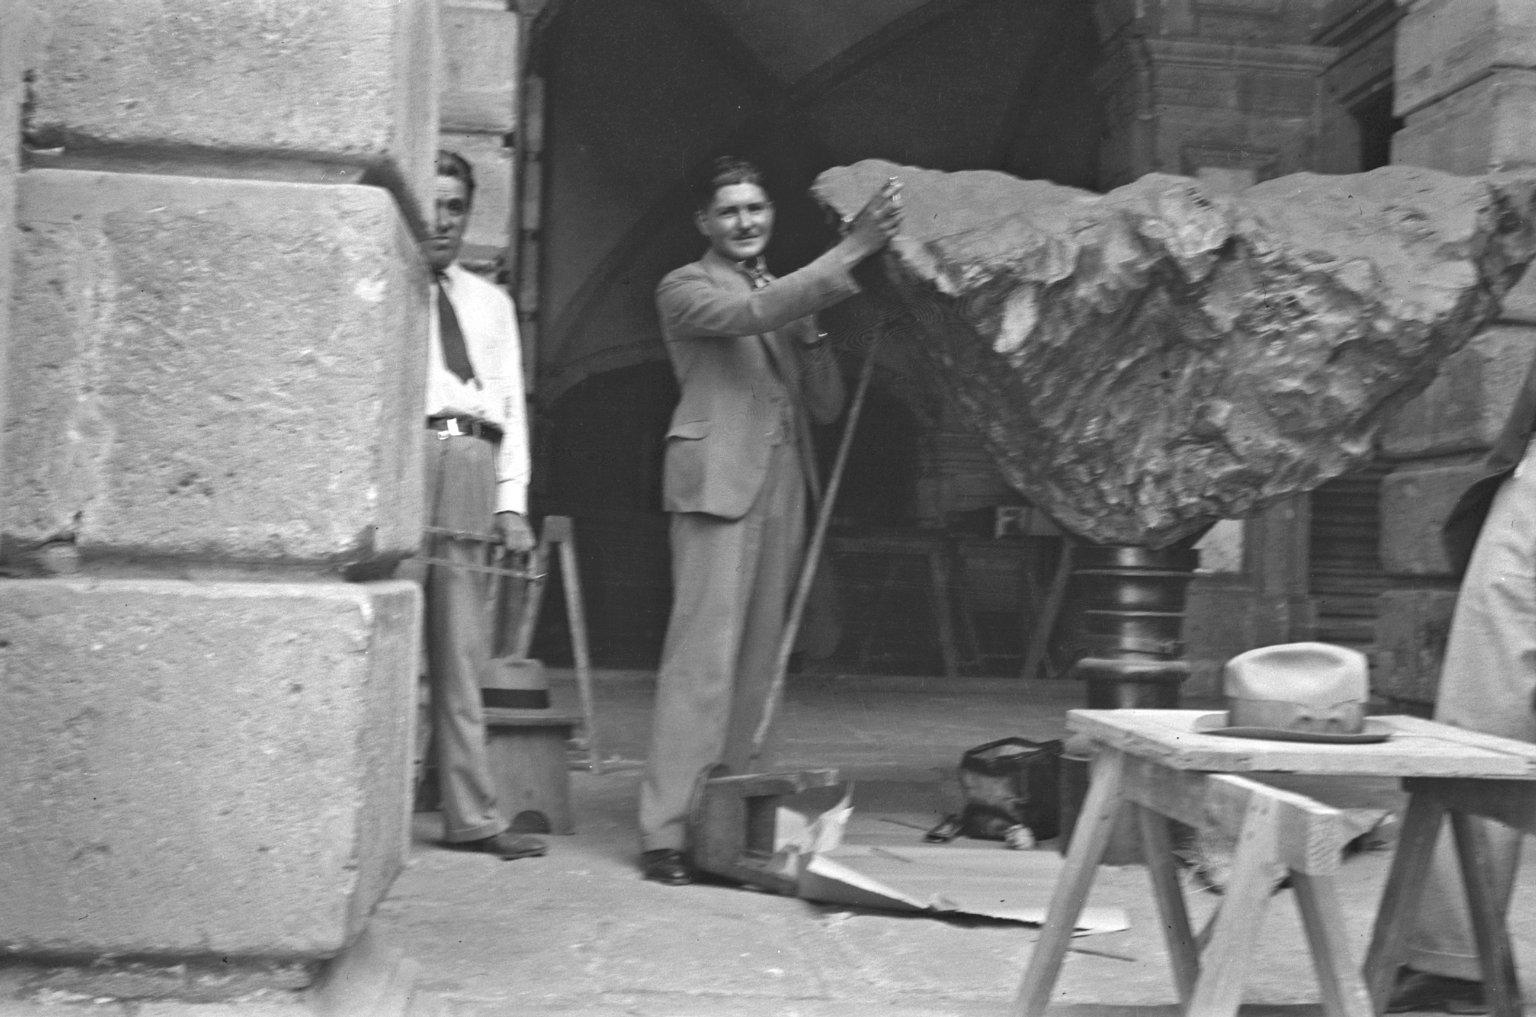 Museum workers posing with Meteorite on pedestal